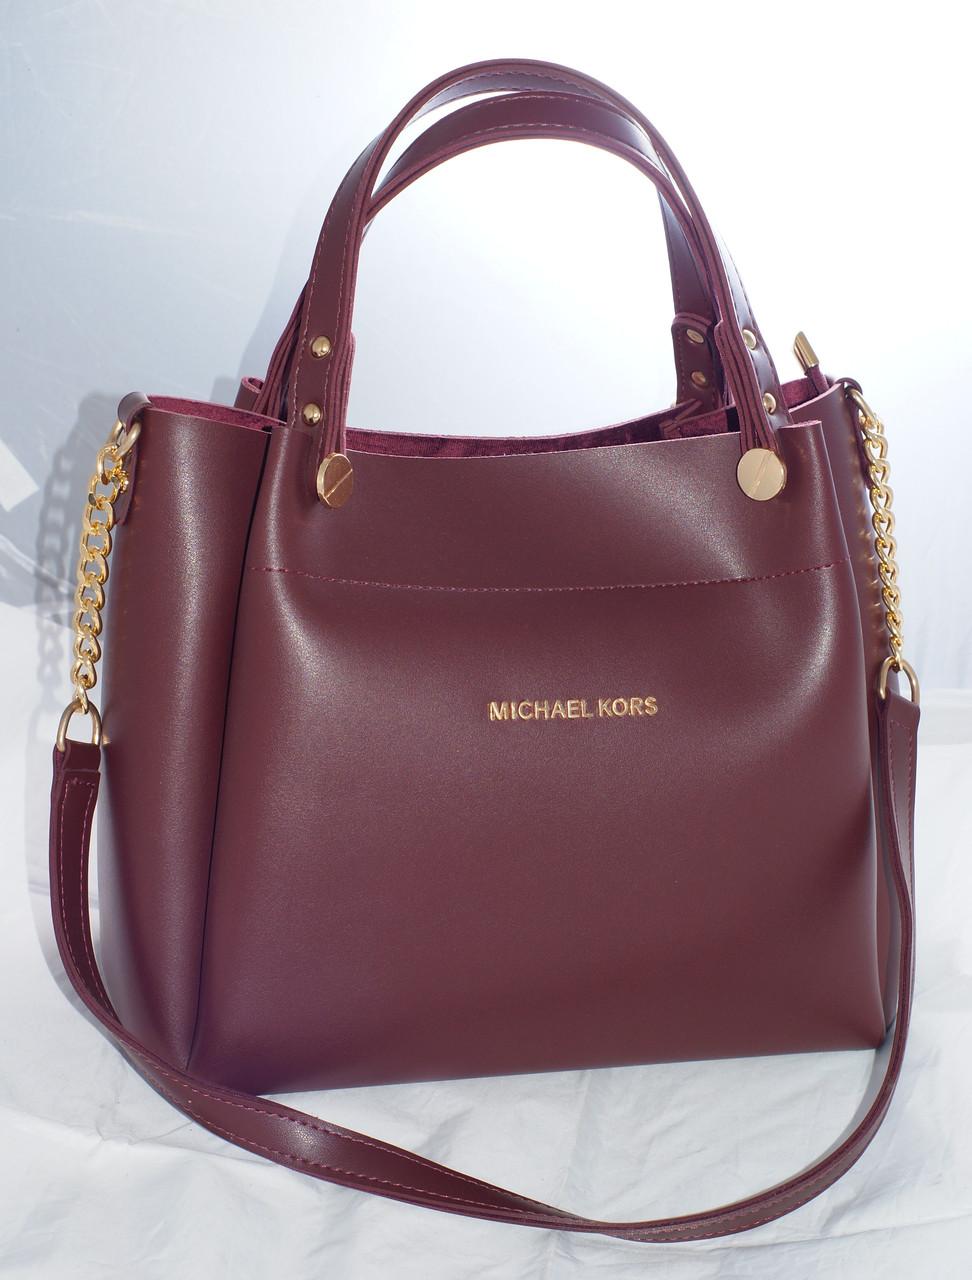 135b39eb3a99 Женская сумка Michael Kors (Майкл Корс), бордовая - Интернет-магазин